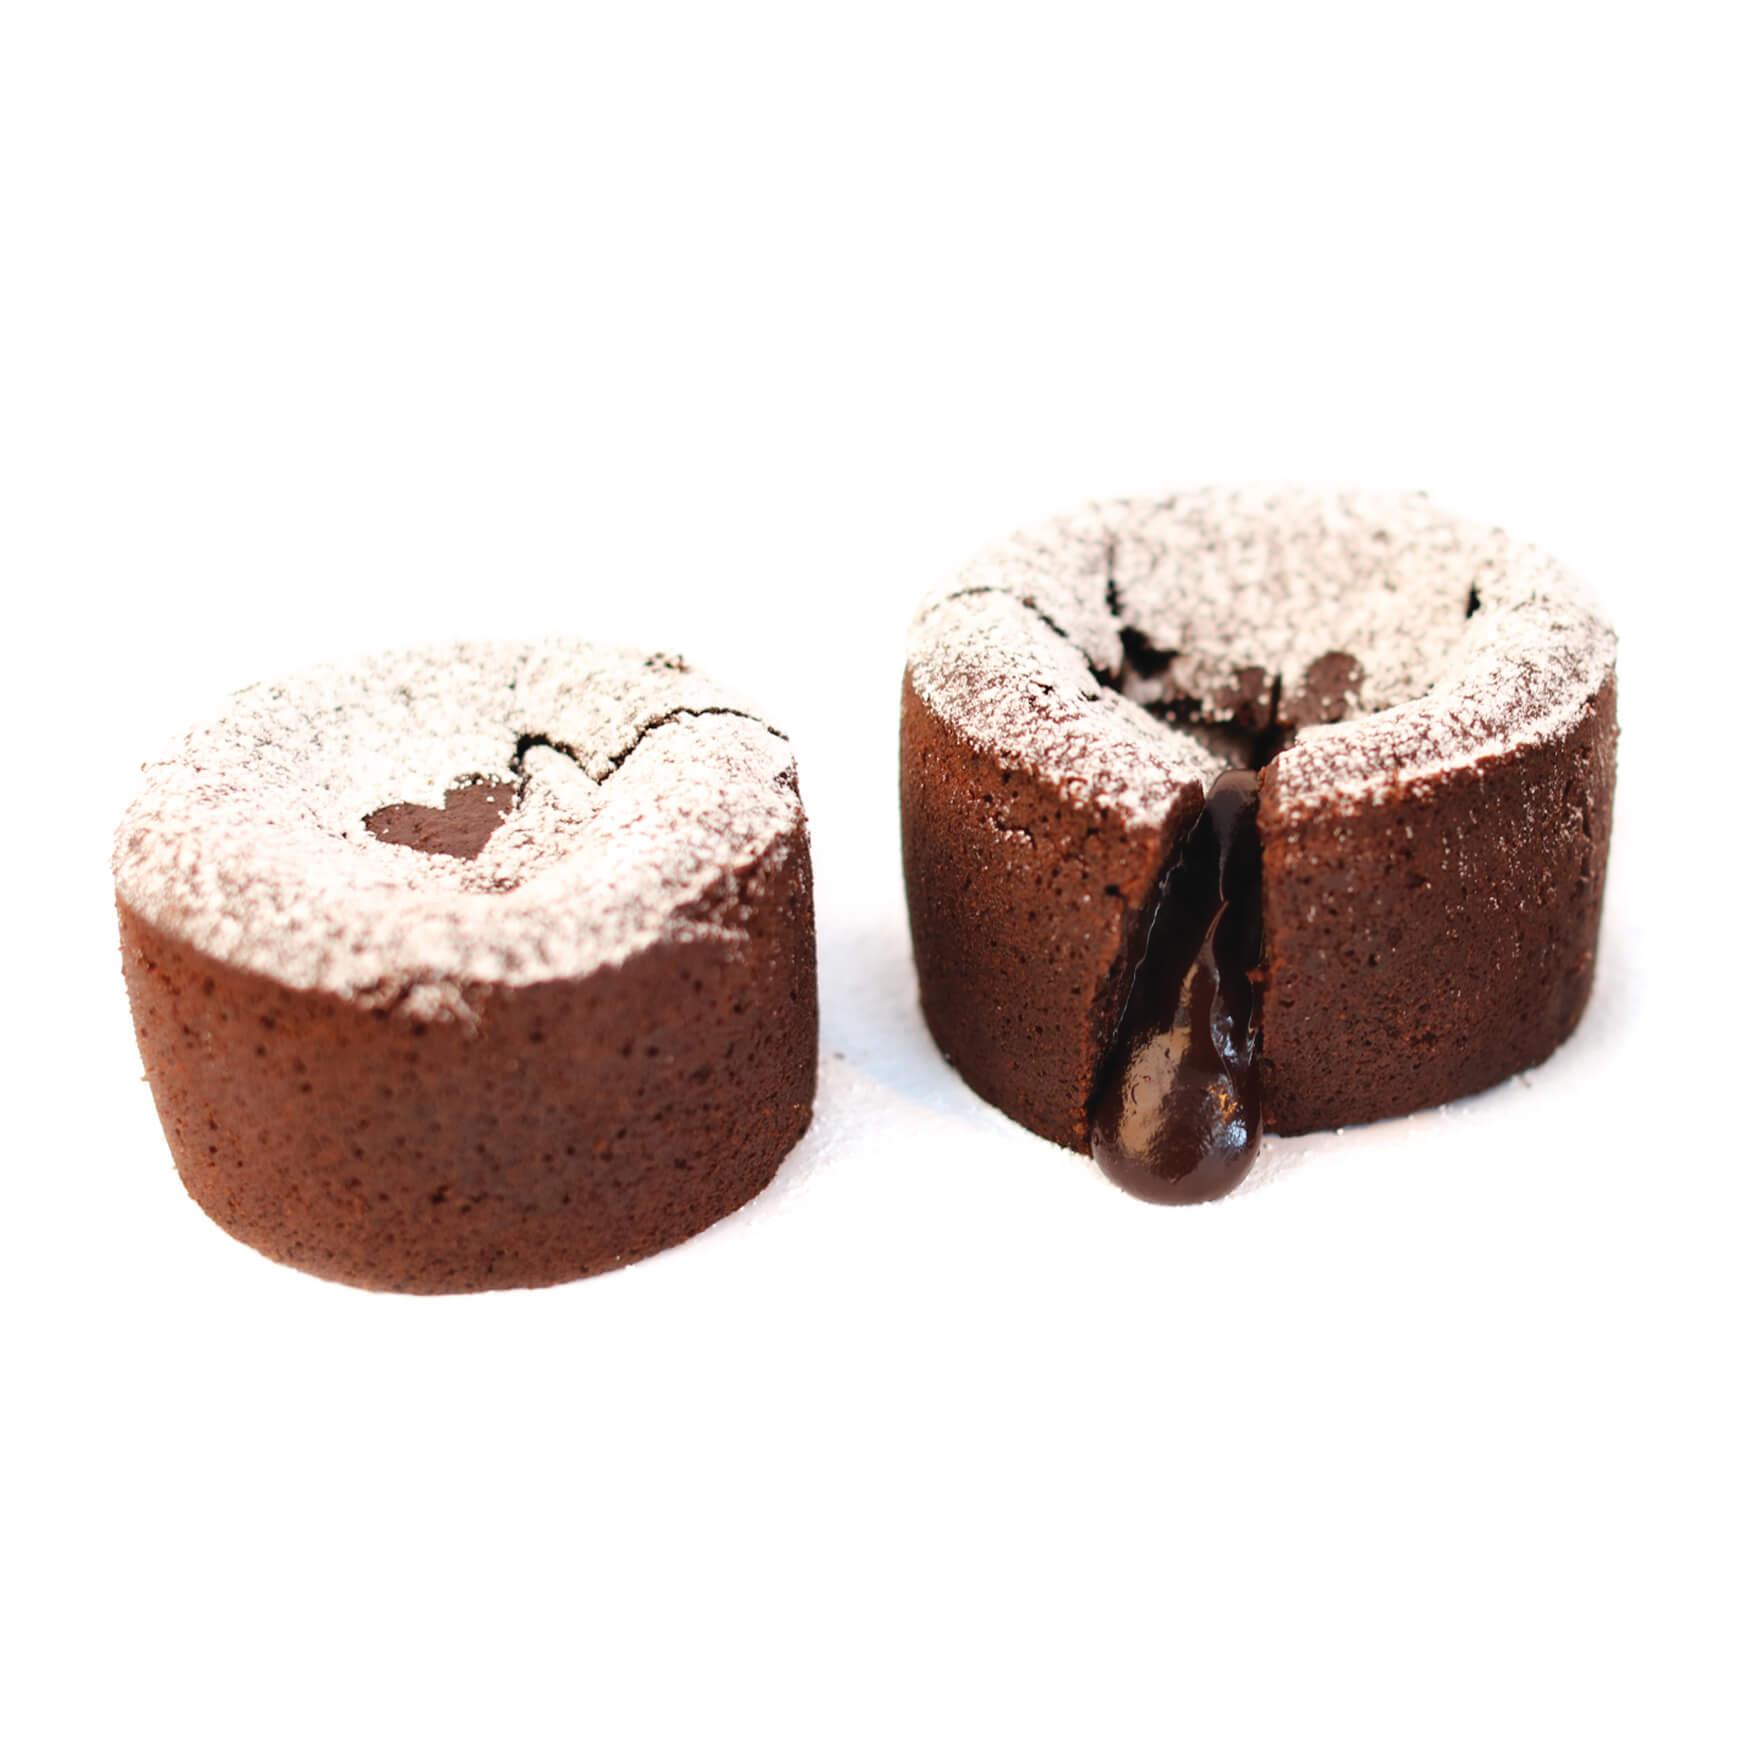 Schokoladensouffle (eizelportion)